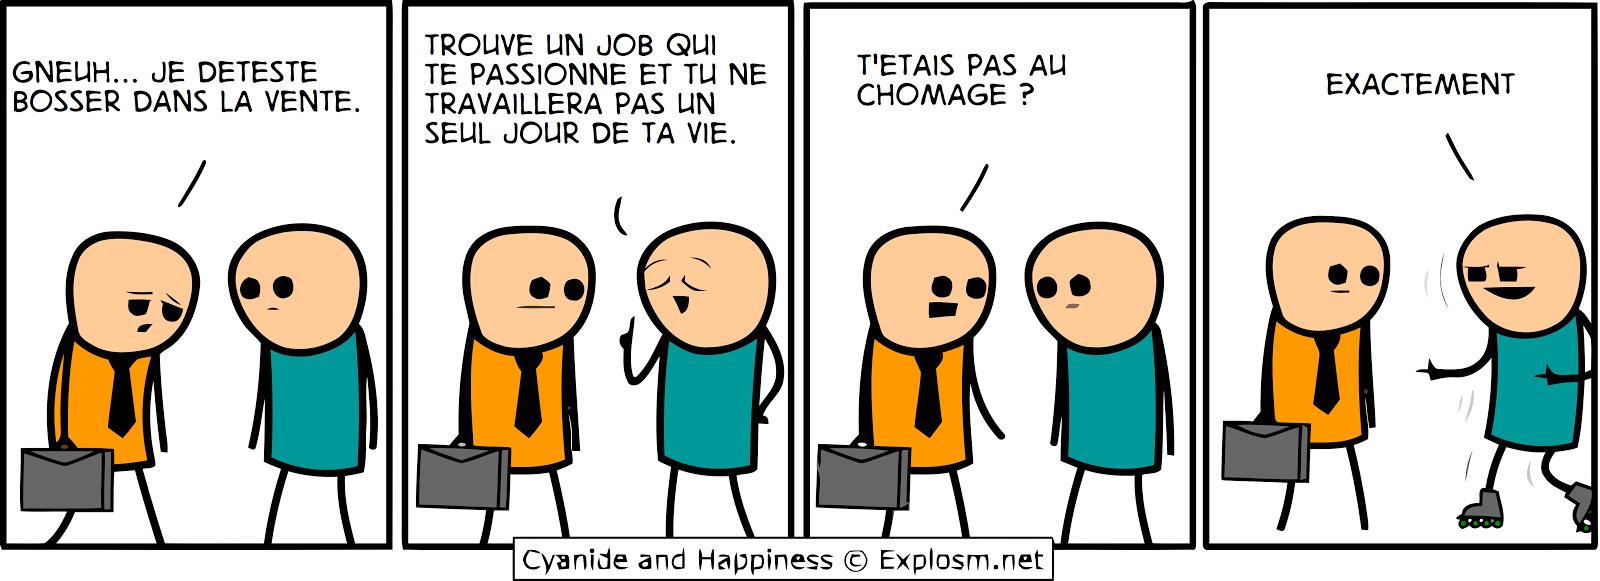 Cyanure et Bonheur #18 - meme